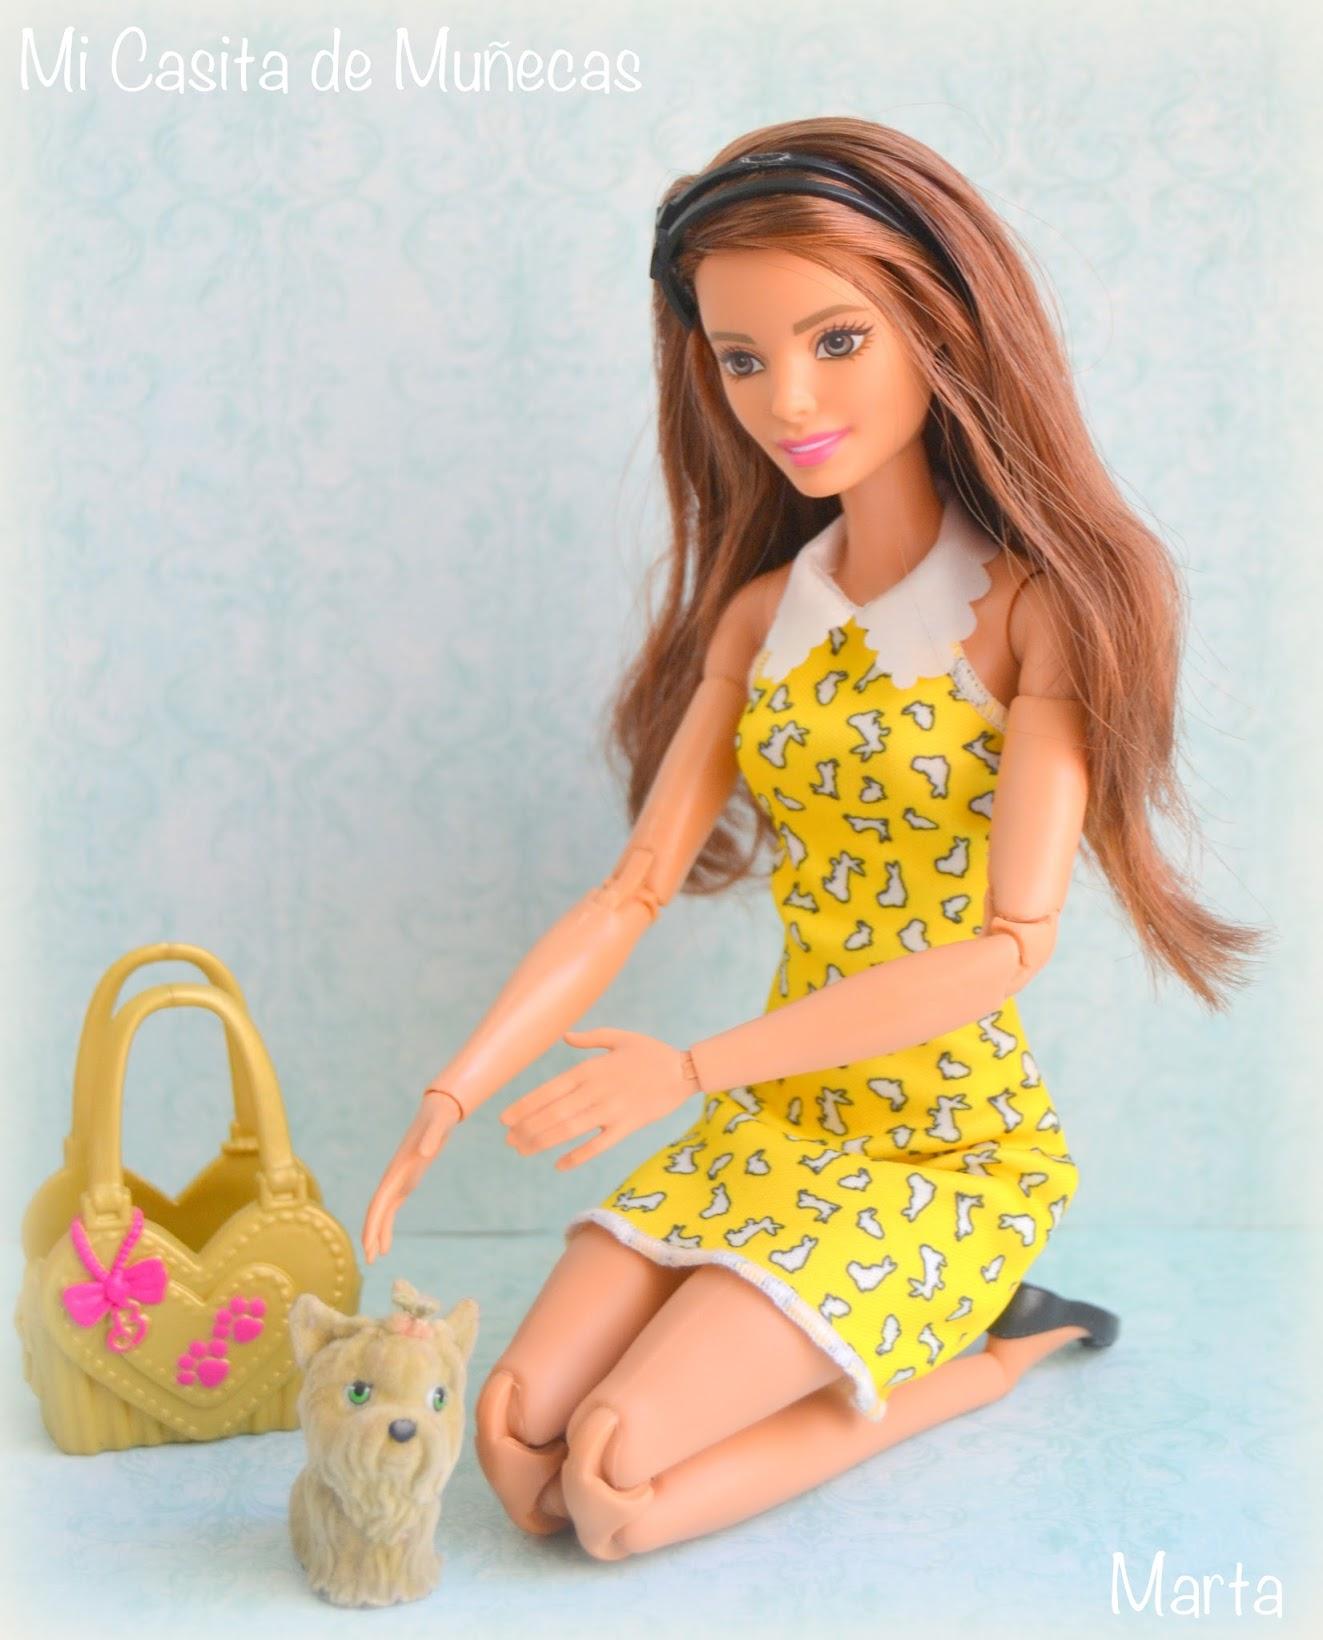 Barbie y sus vestidos, Mi Casita de Muñecas, Marta del Pino, Barbie made to move